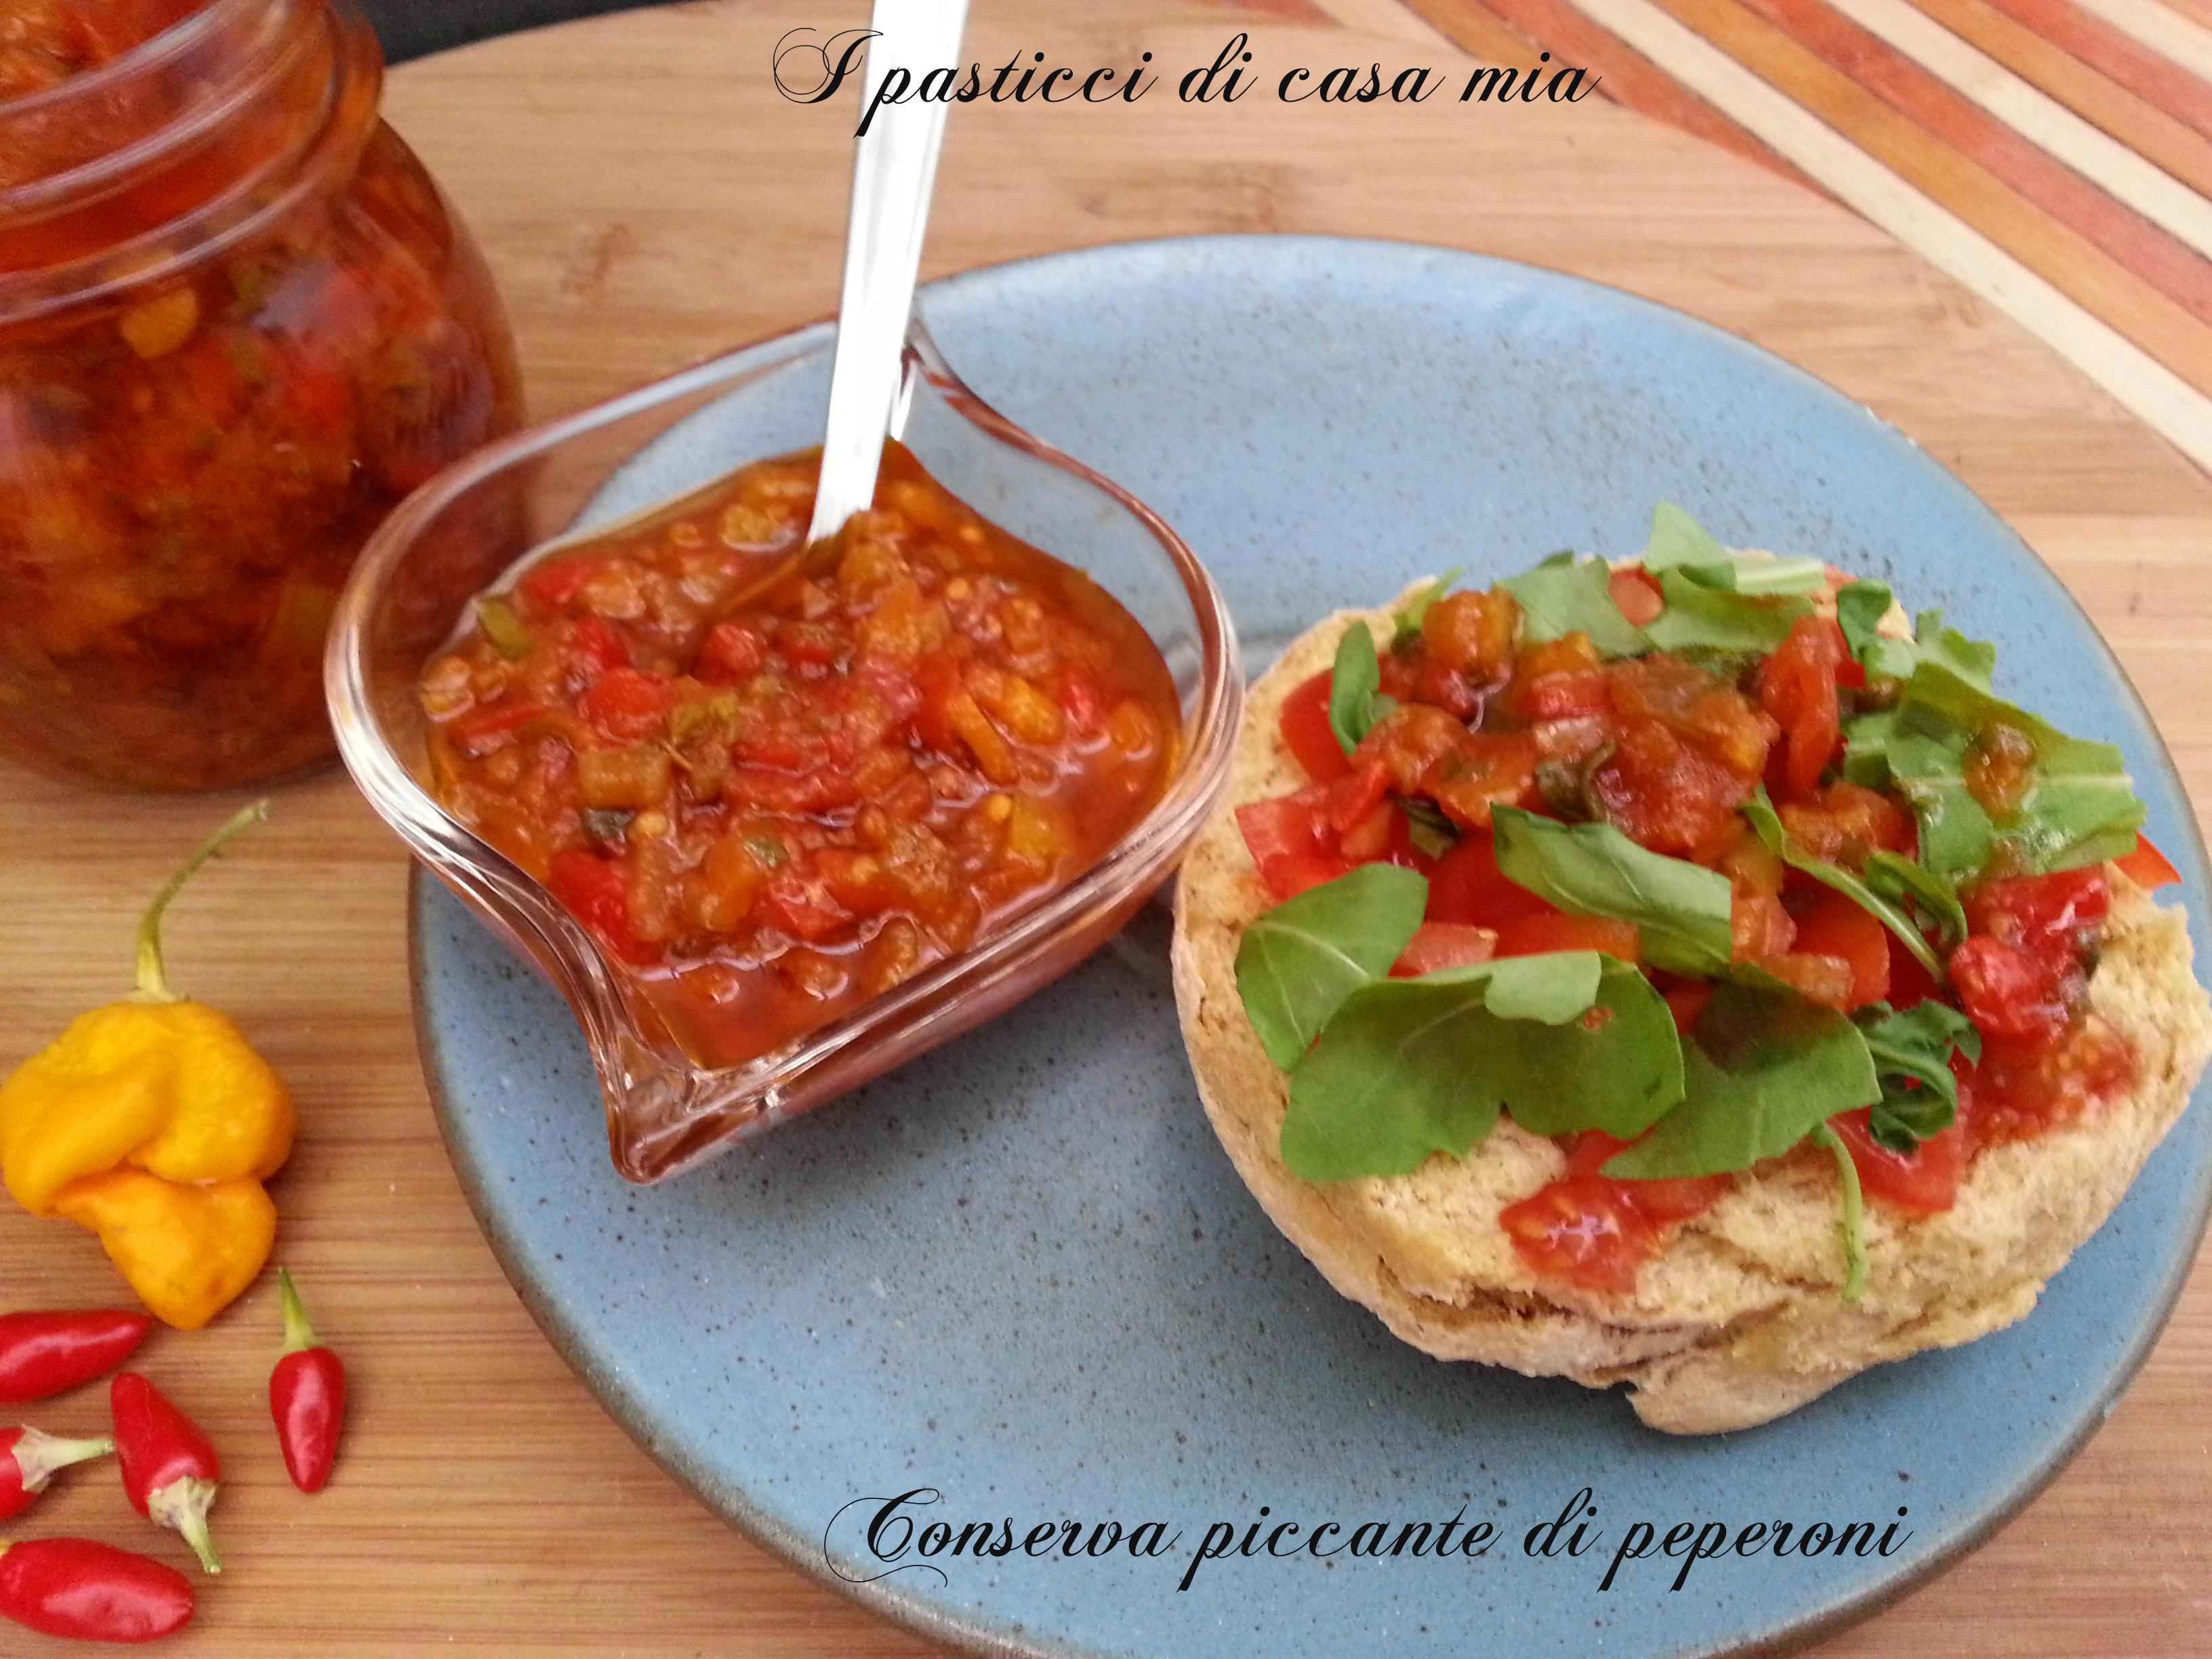 Conserva piccante di peperoni